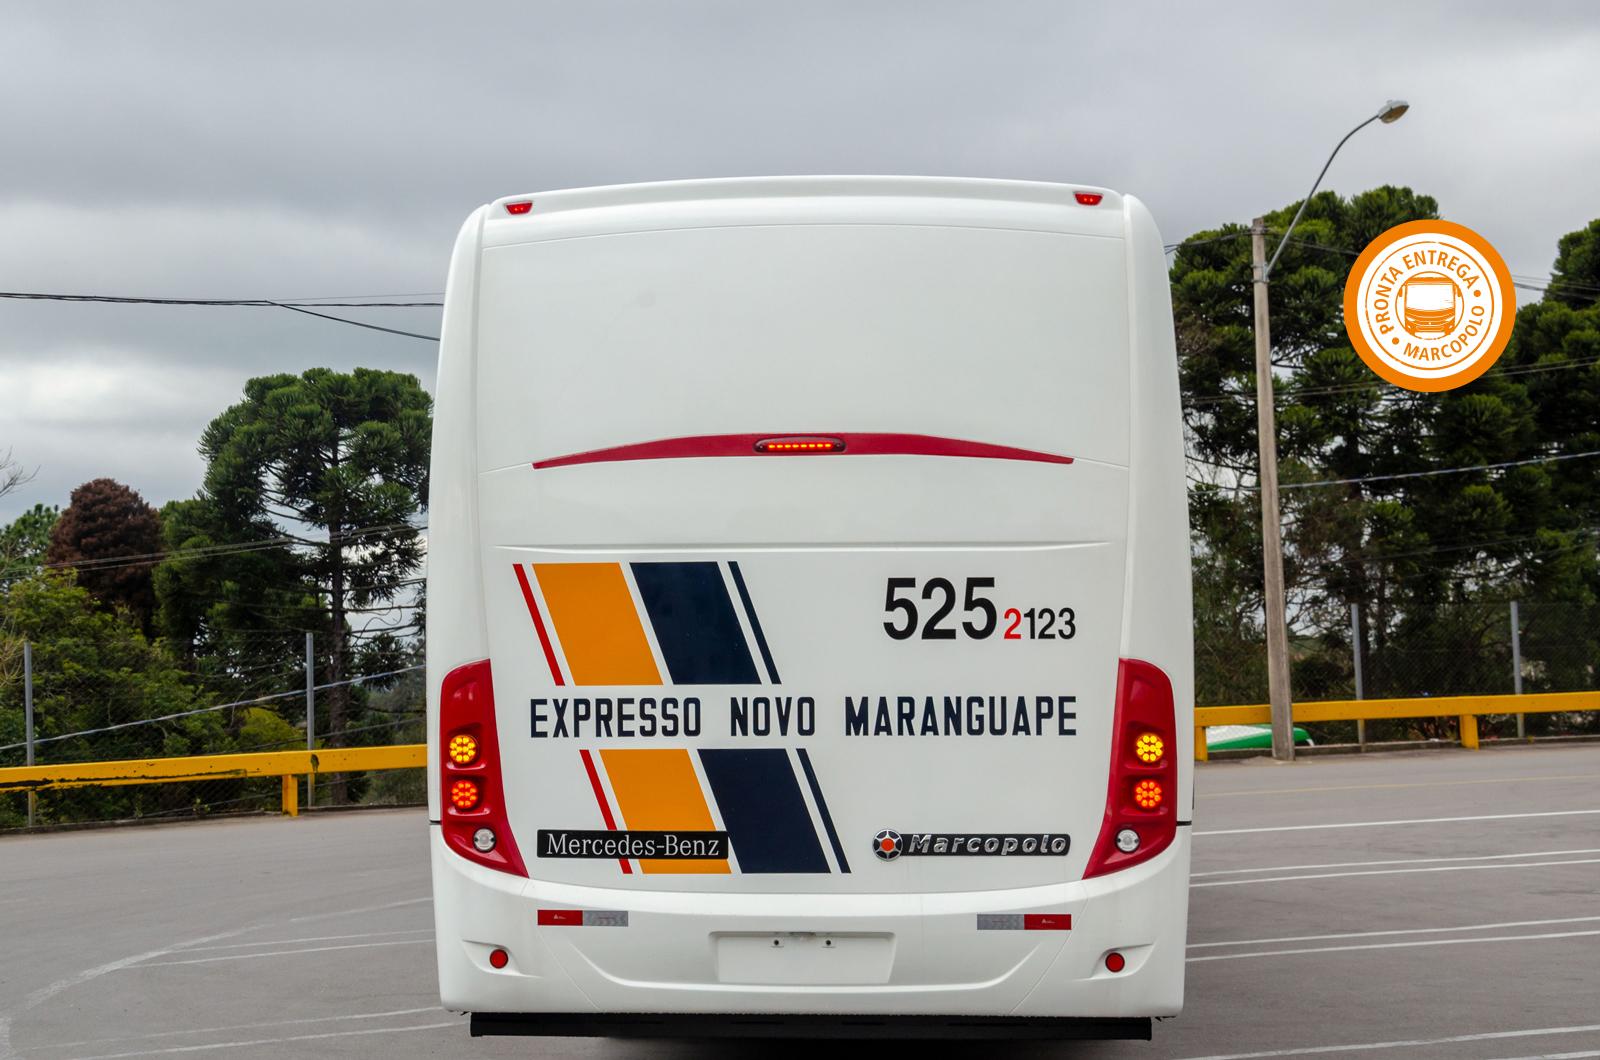 Expresso-Novo-Maranguape-(5)